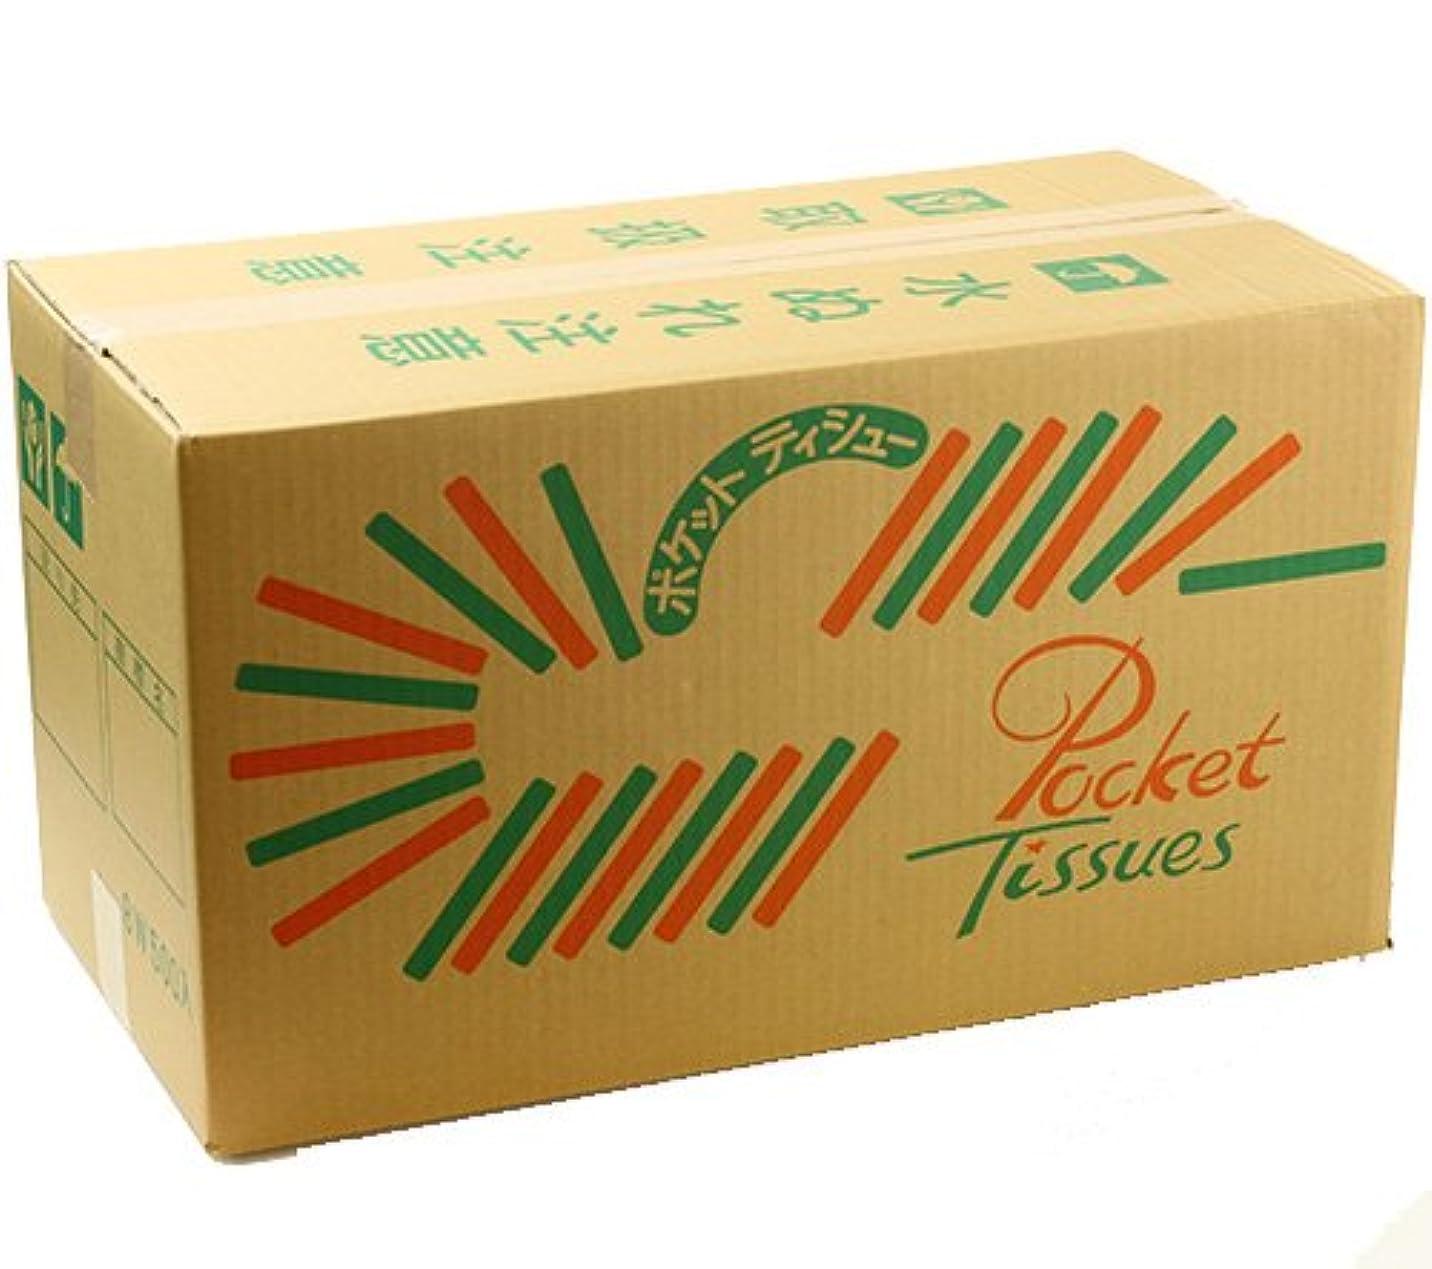 動機反応する害虫業務用 カードポケット付き ポケットティッシュ 8W(無地? レギュラーサイズ)×500個